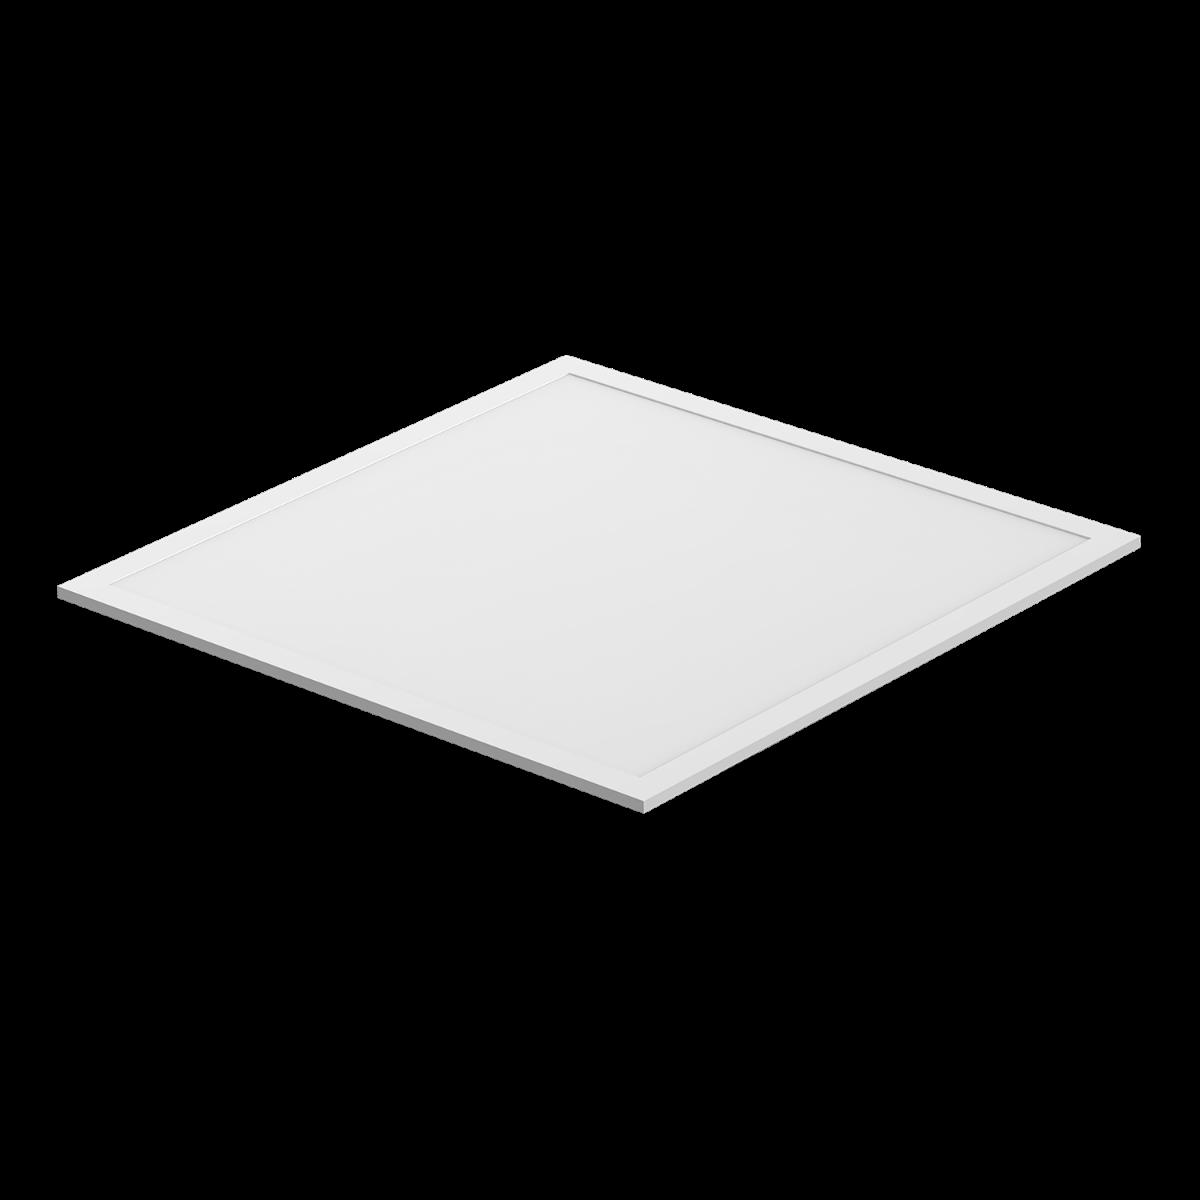 Noxion LED Panel Econox 32W Xitanium DALI 60x60cm 6500K 4400lm UGR <22 | Dali Dimmable - Daylight - Replaces 4x18W